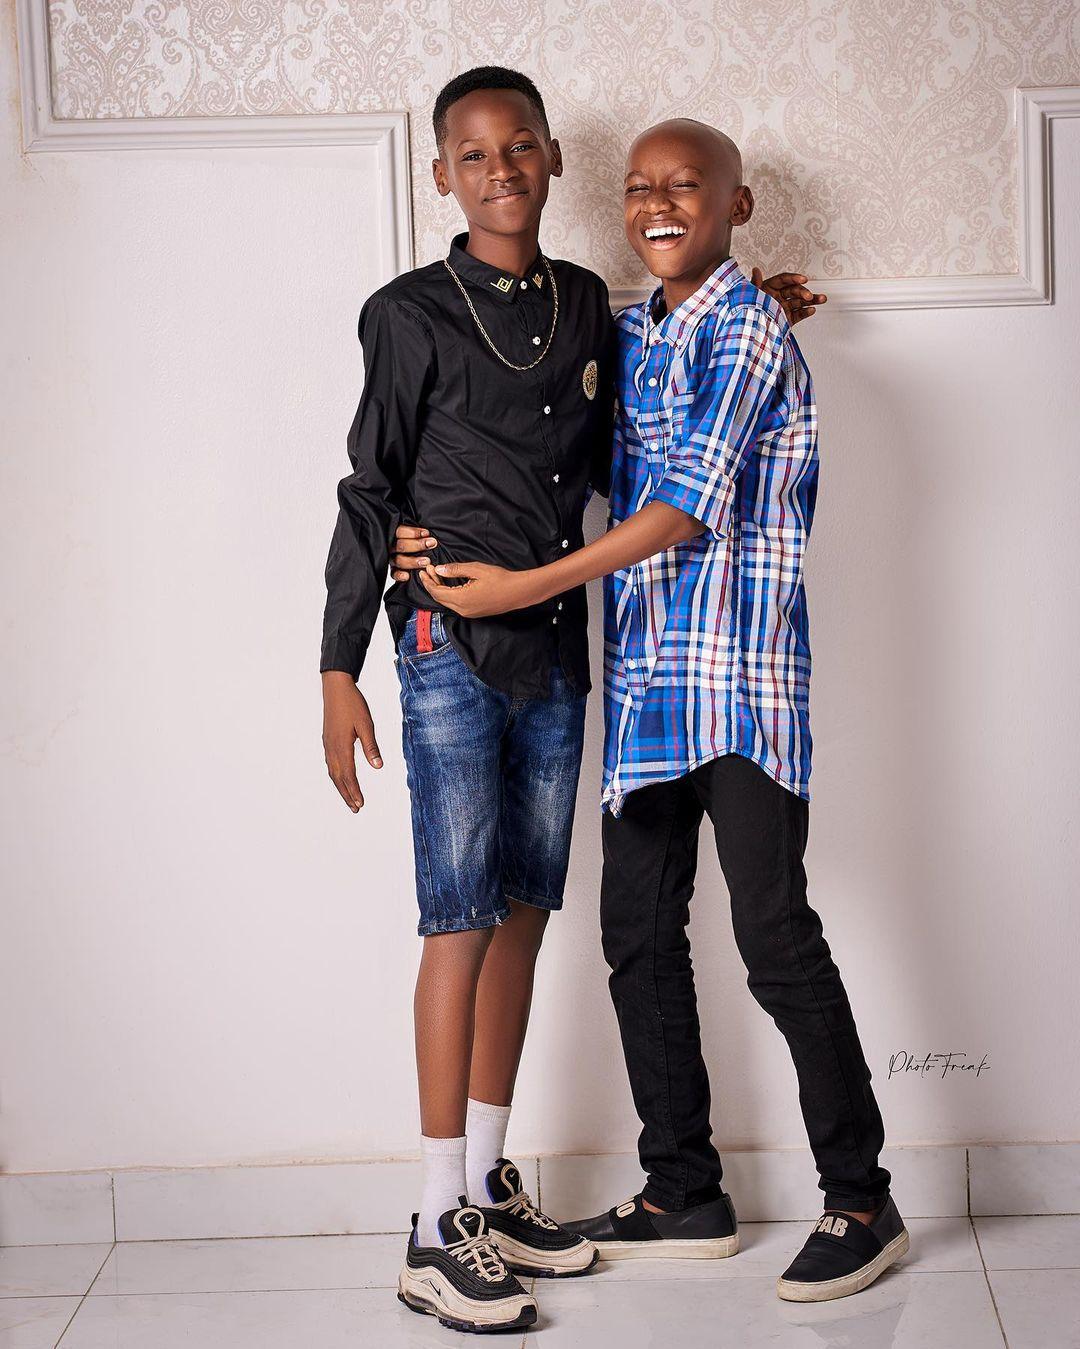 2baba's Children